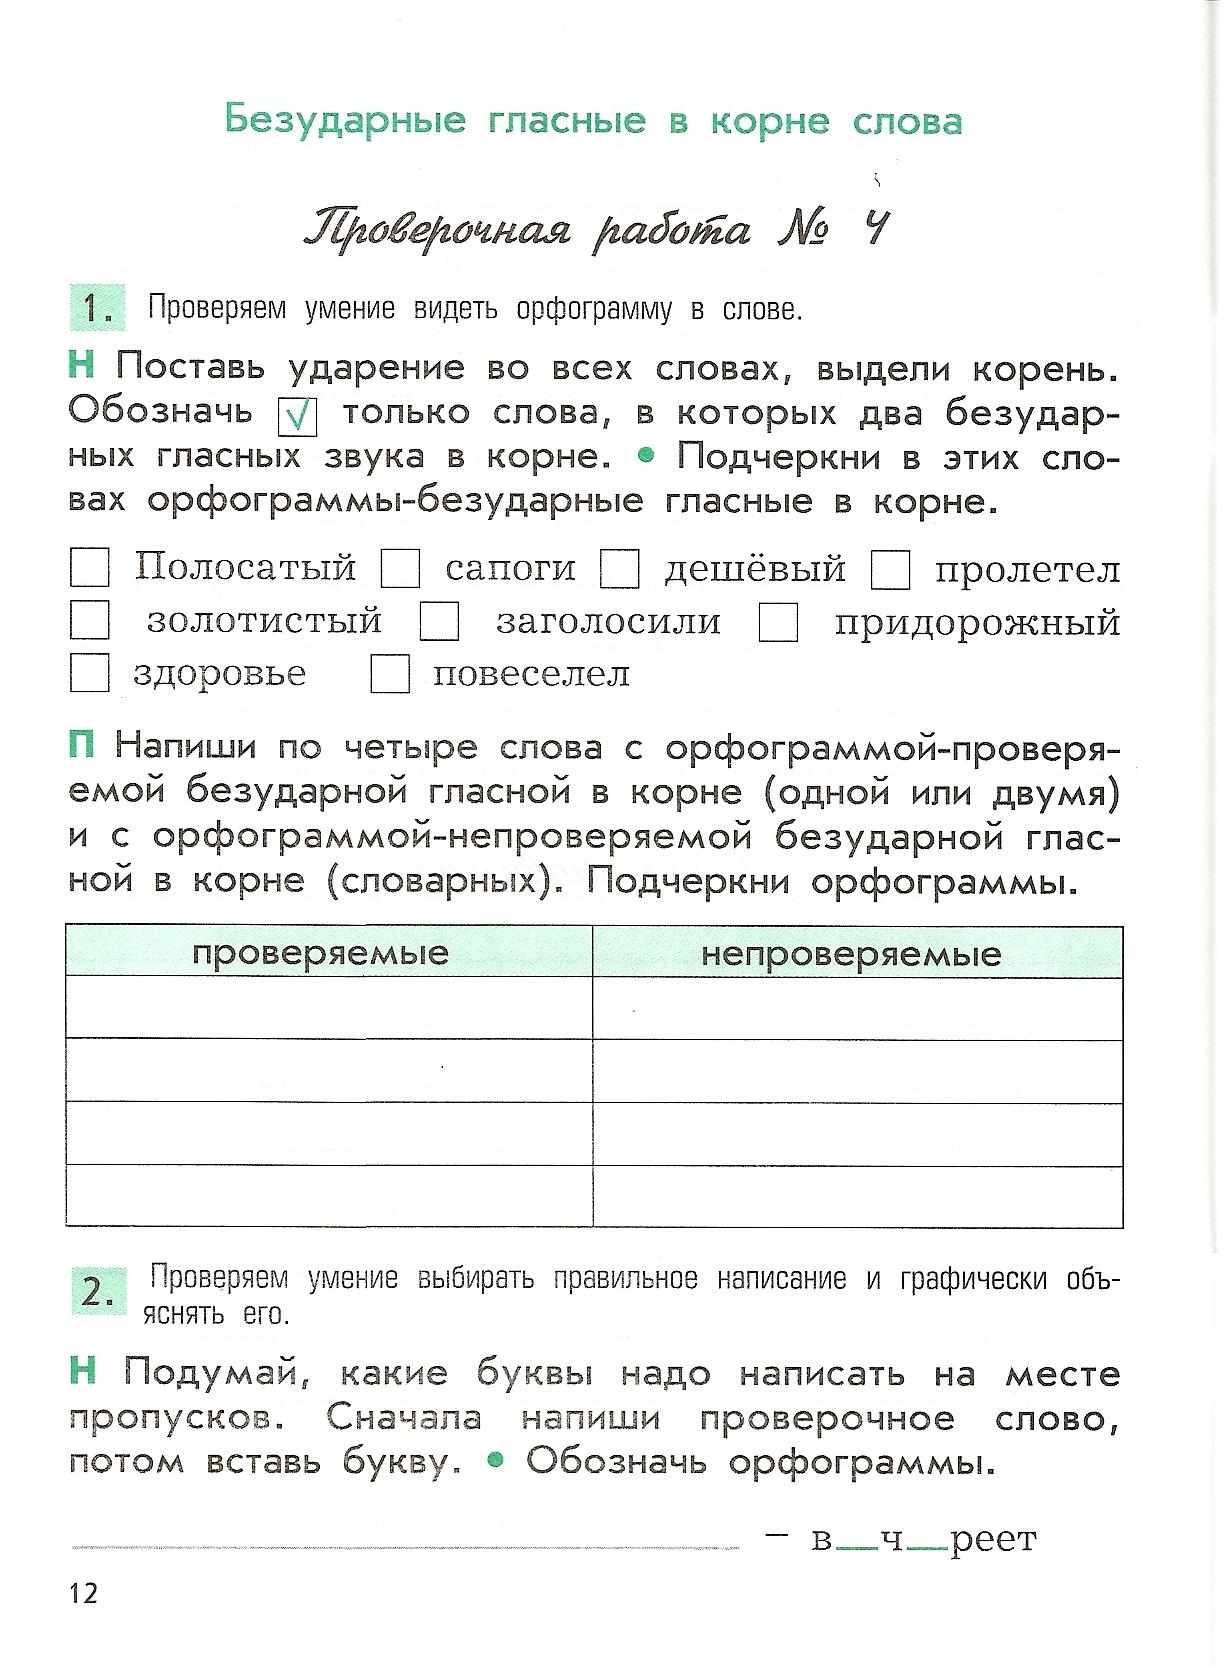 решебник проверочных и контрольных работ по русскому языку 3 класс бунеева